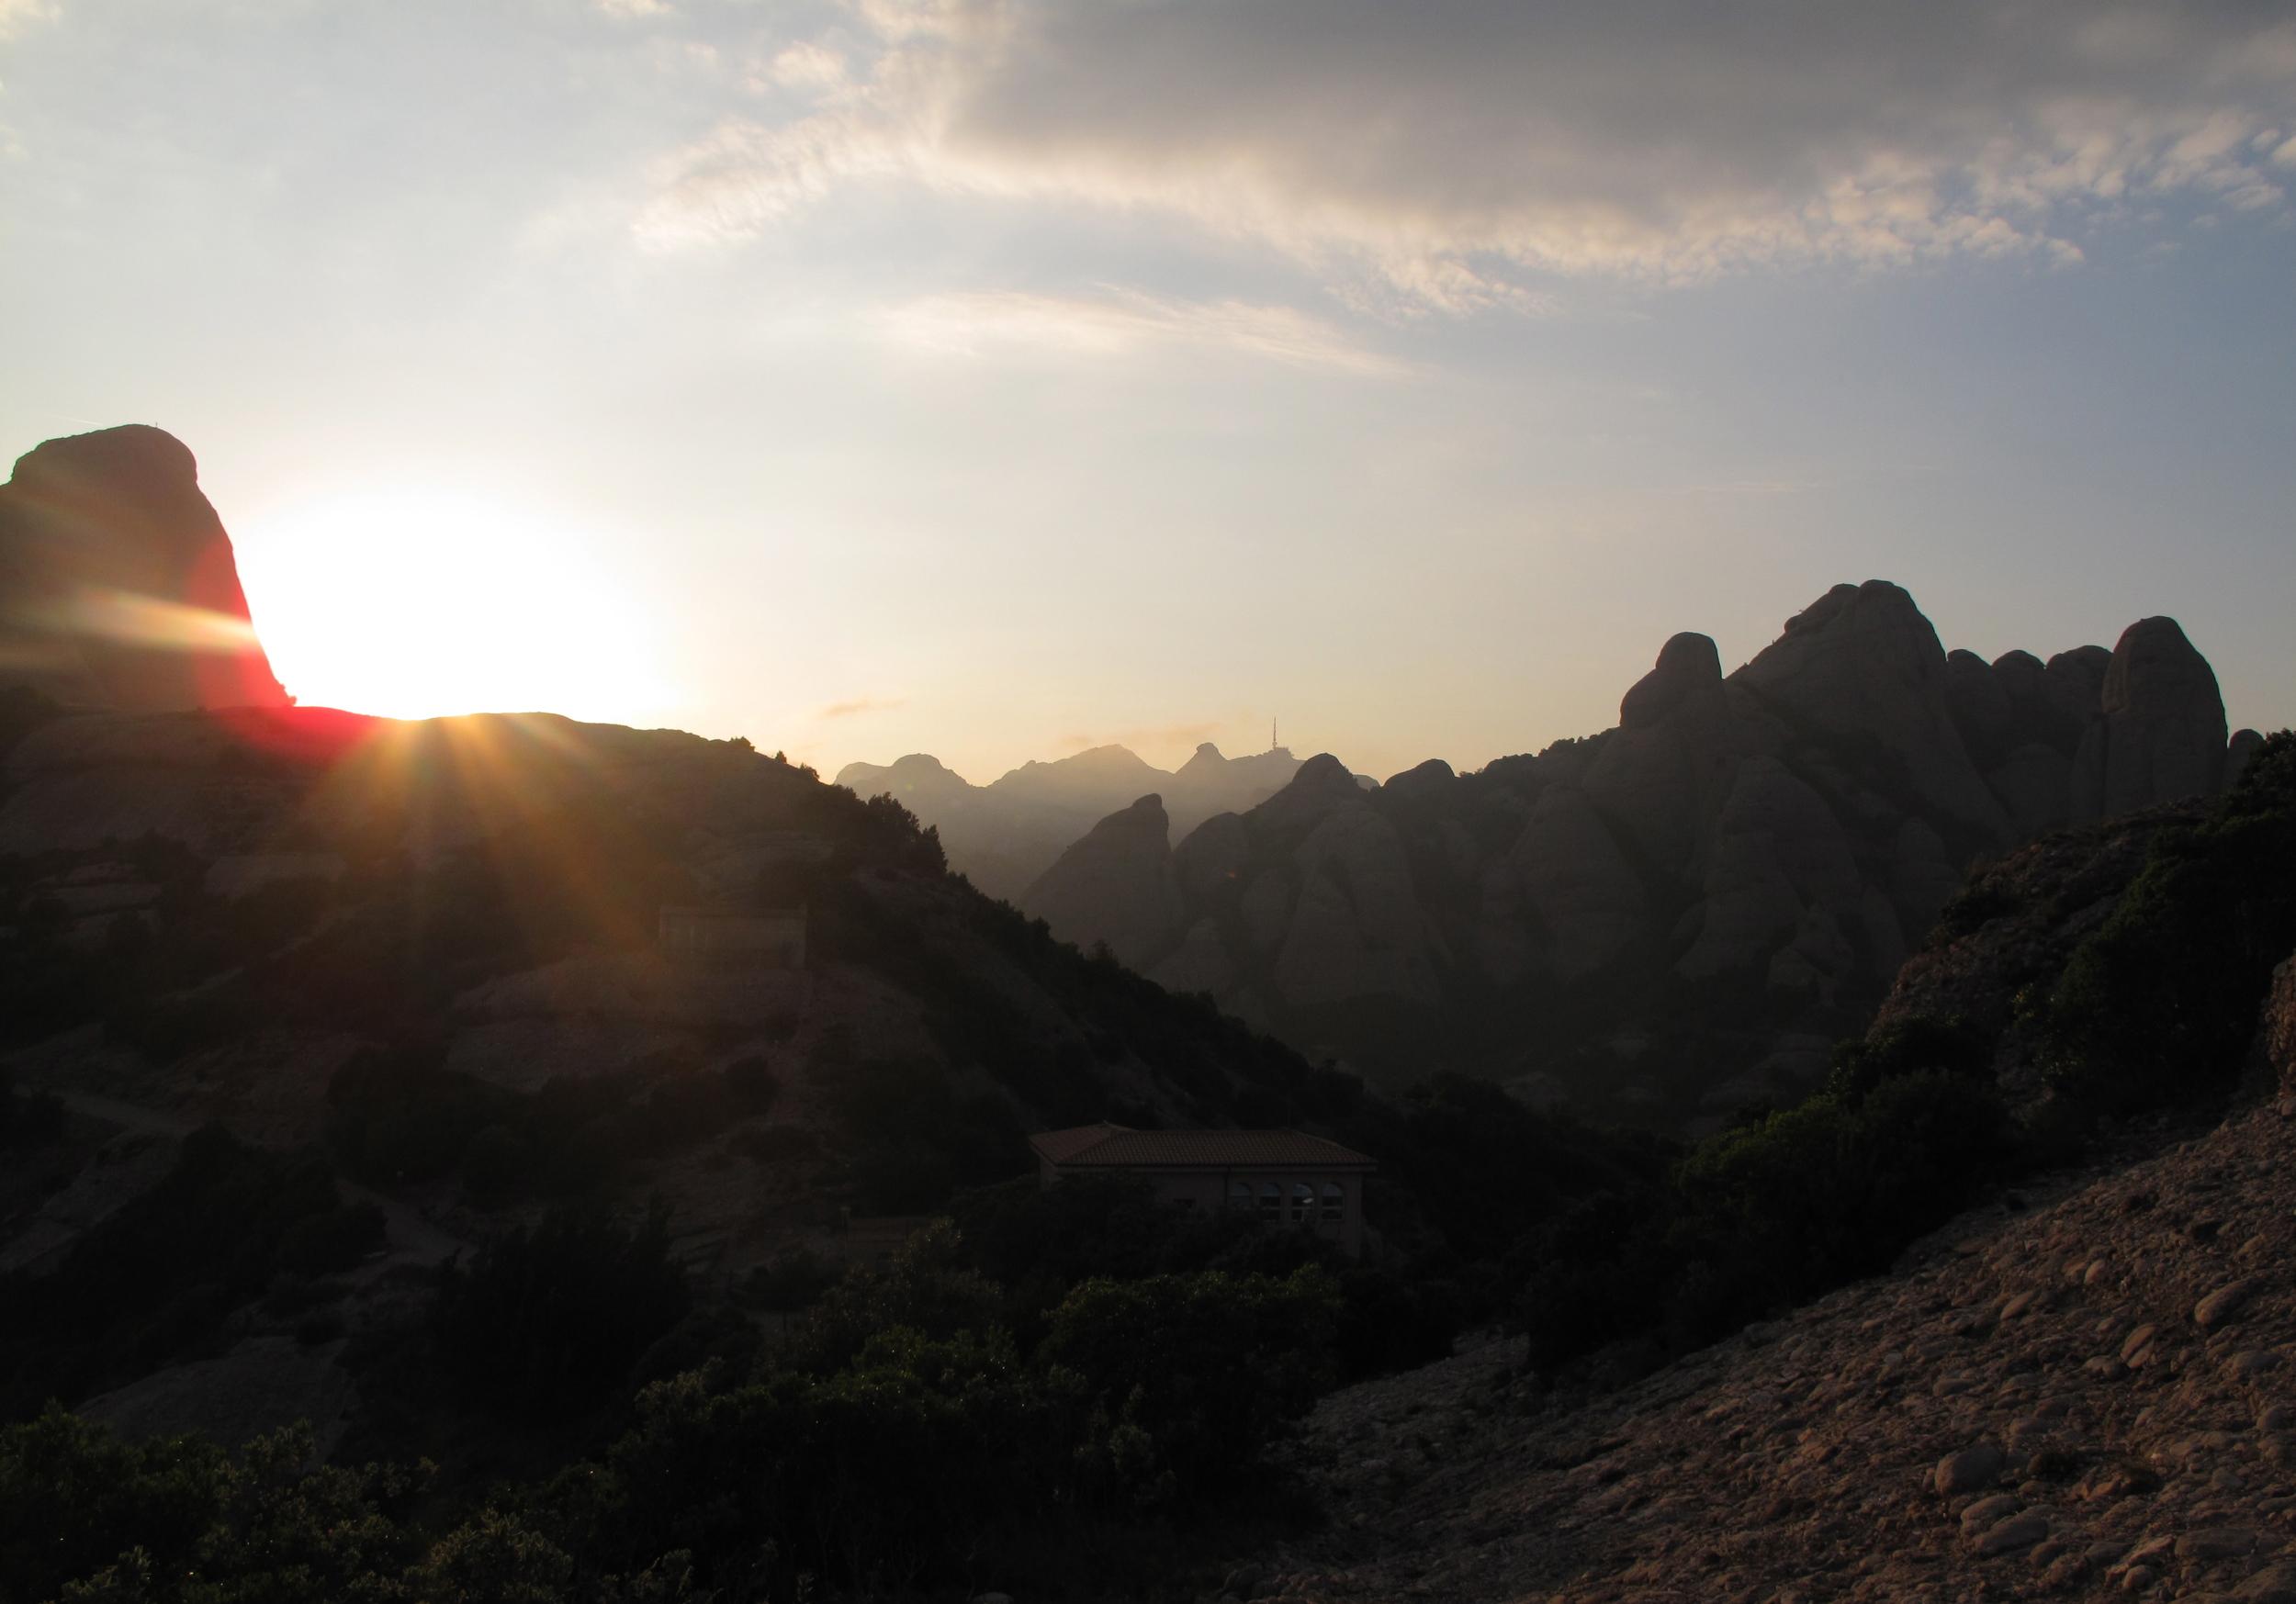 Montserrat mountain at sunset.